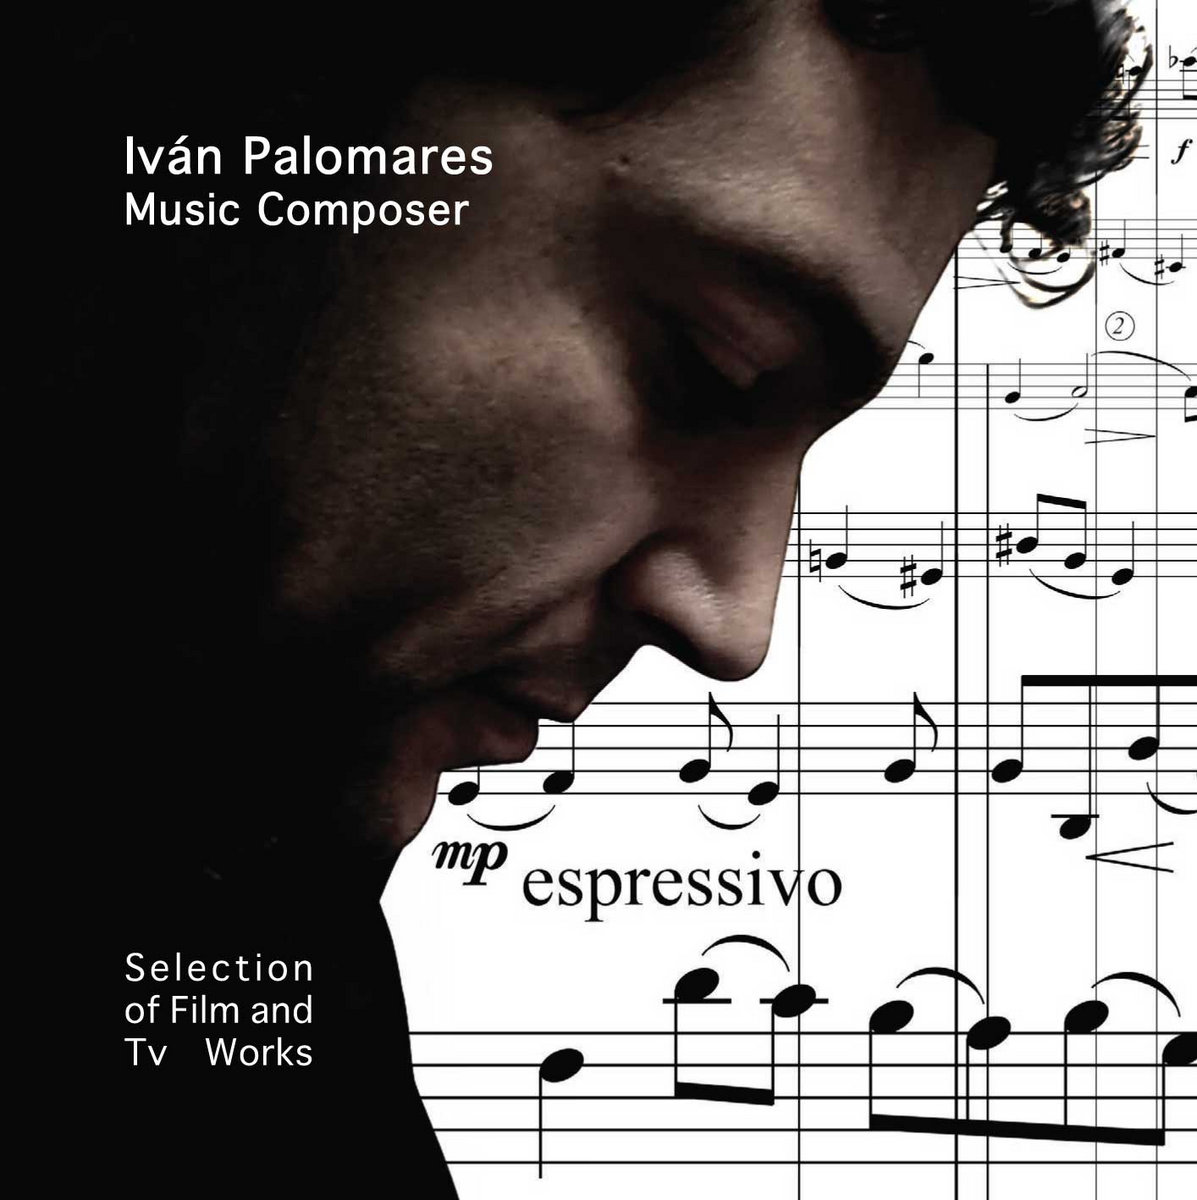 Symphonic Film Vg And Tv Works Featuring Live Ensembles Ivan  # Ensembles Tv